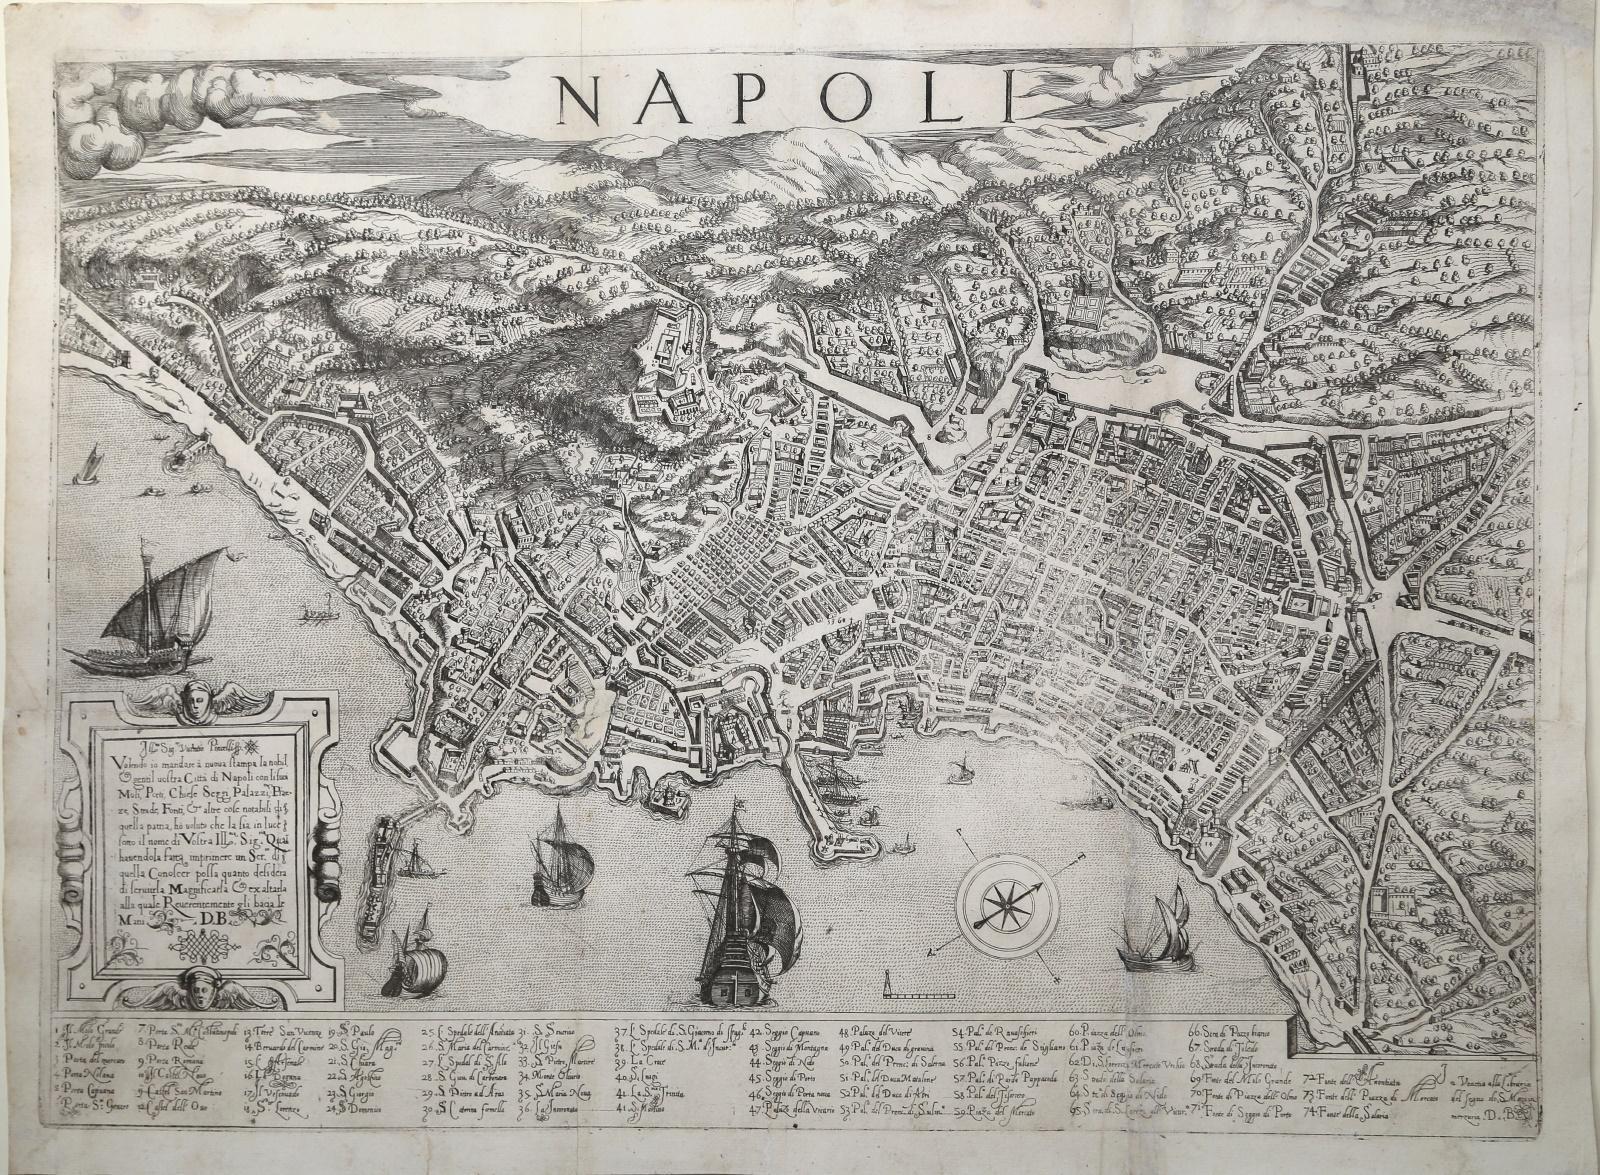 Napoli-Donato-Bertelli-1570